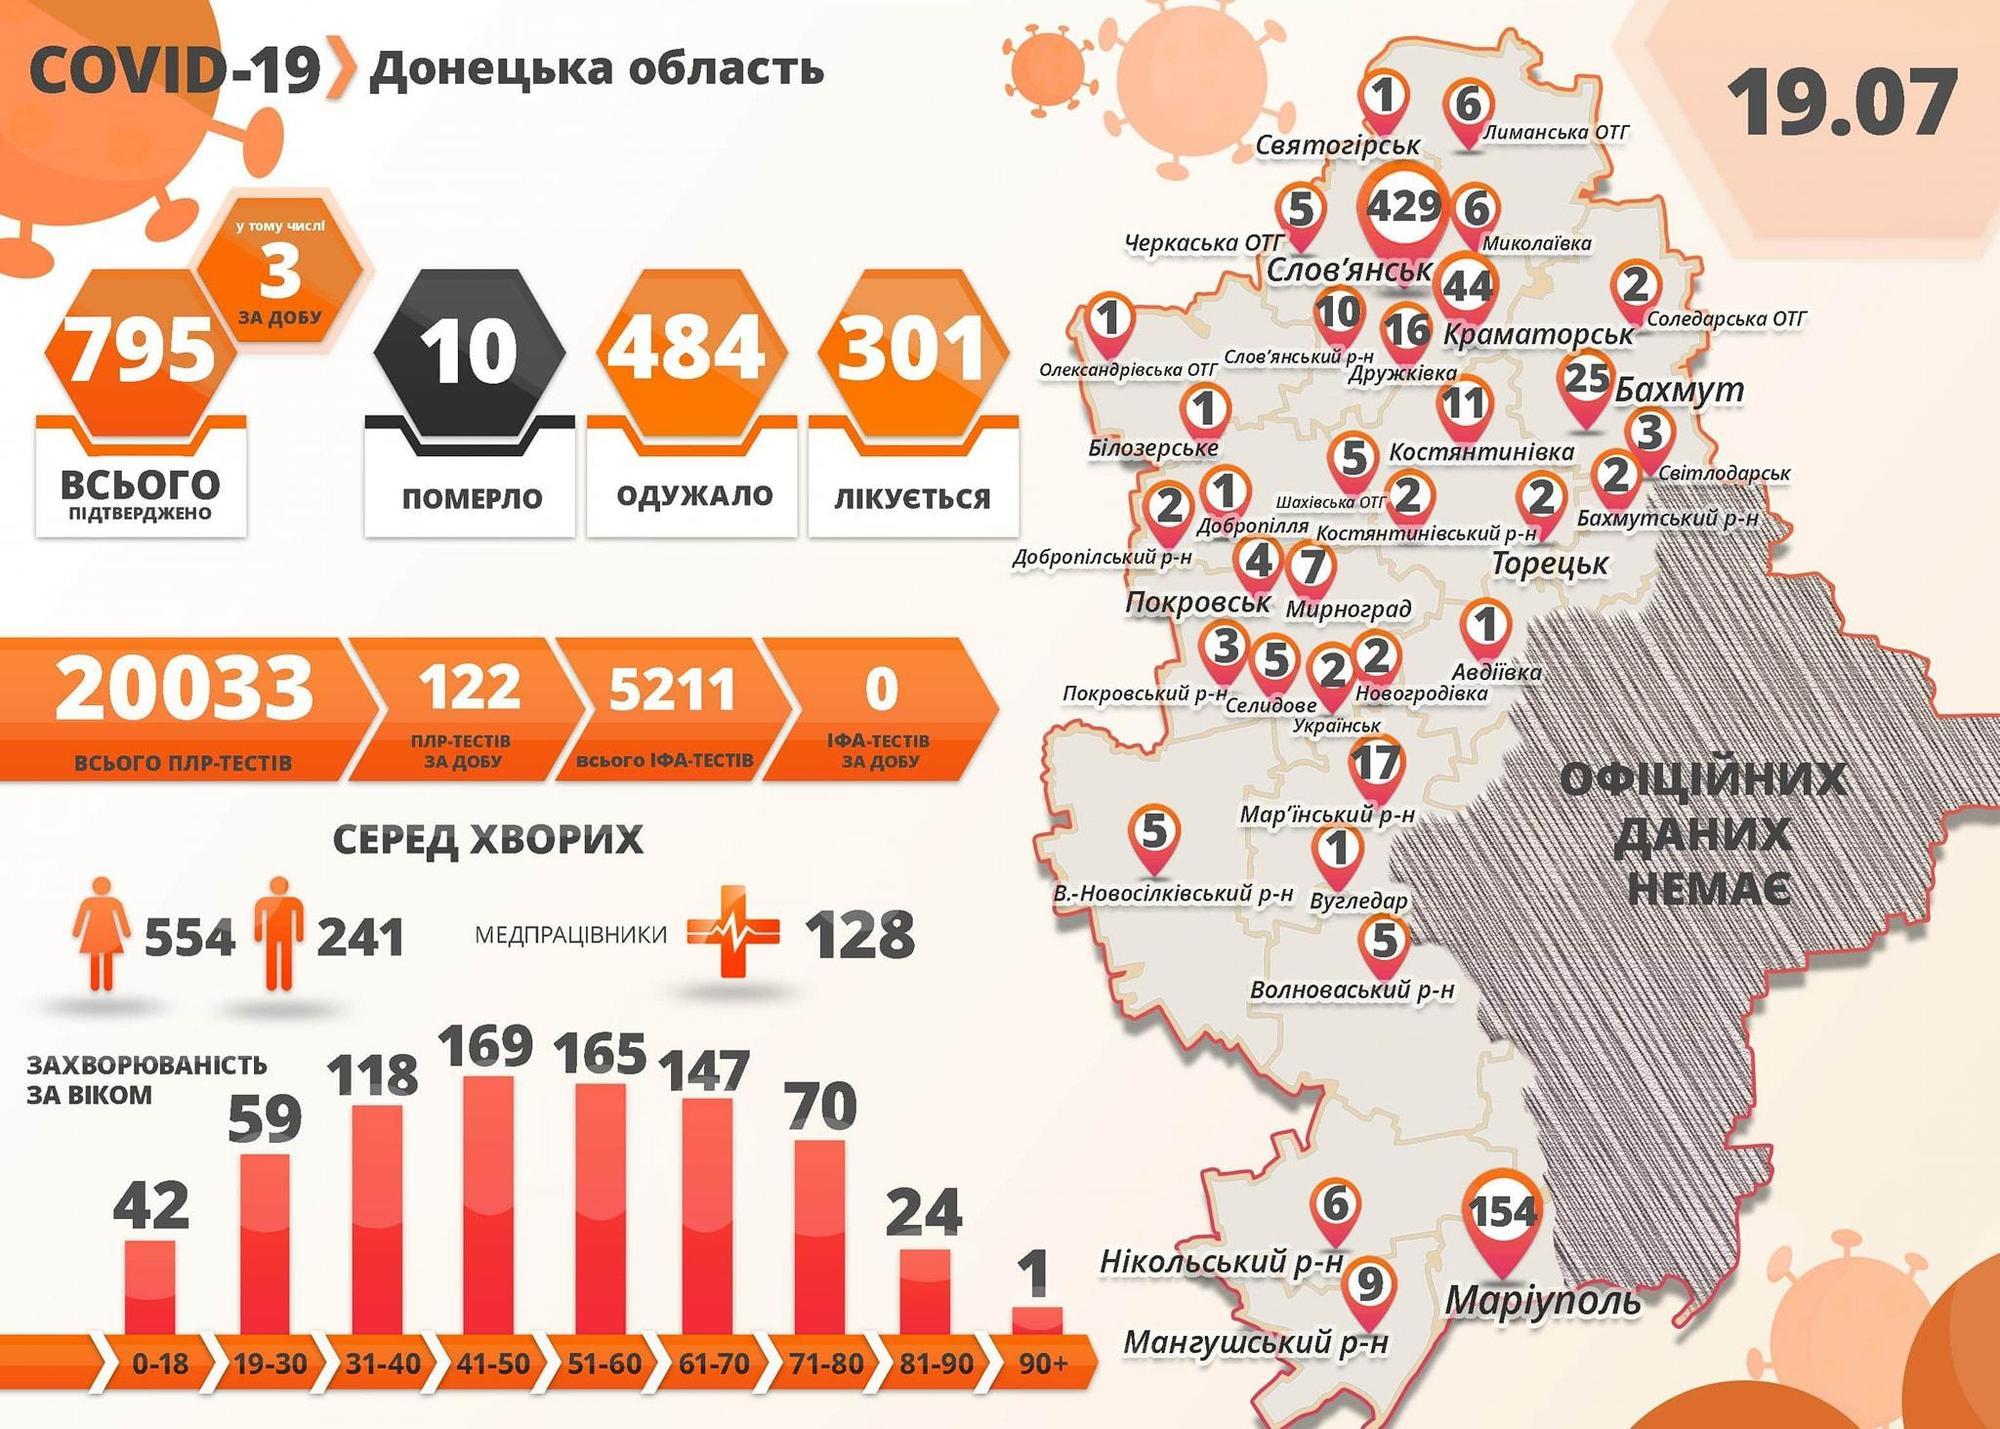 інфографіка коронавірус COVID-19 Донеччина